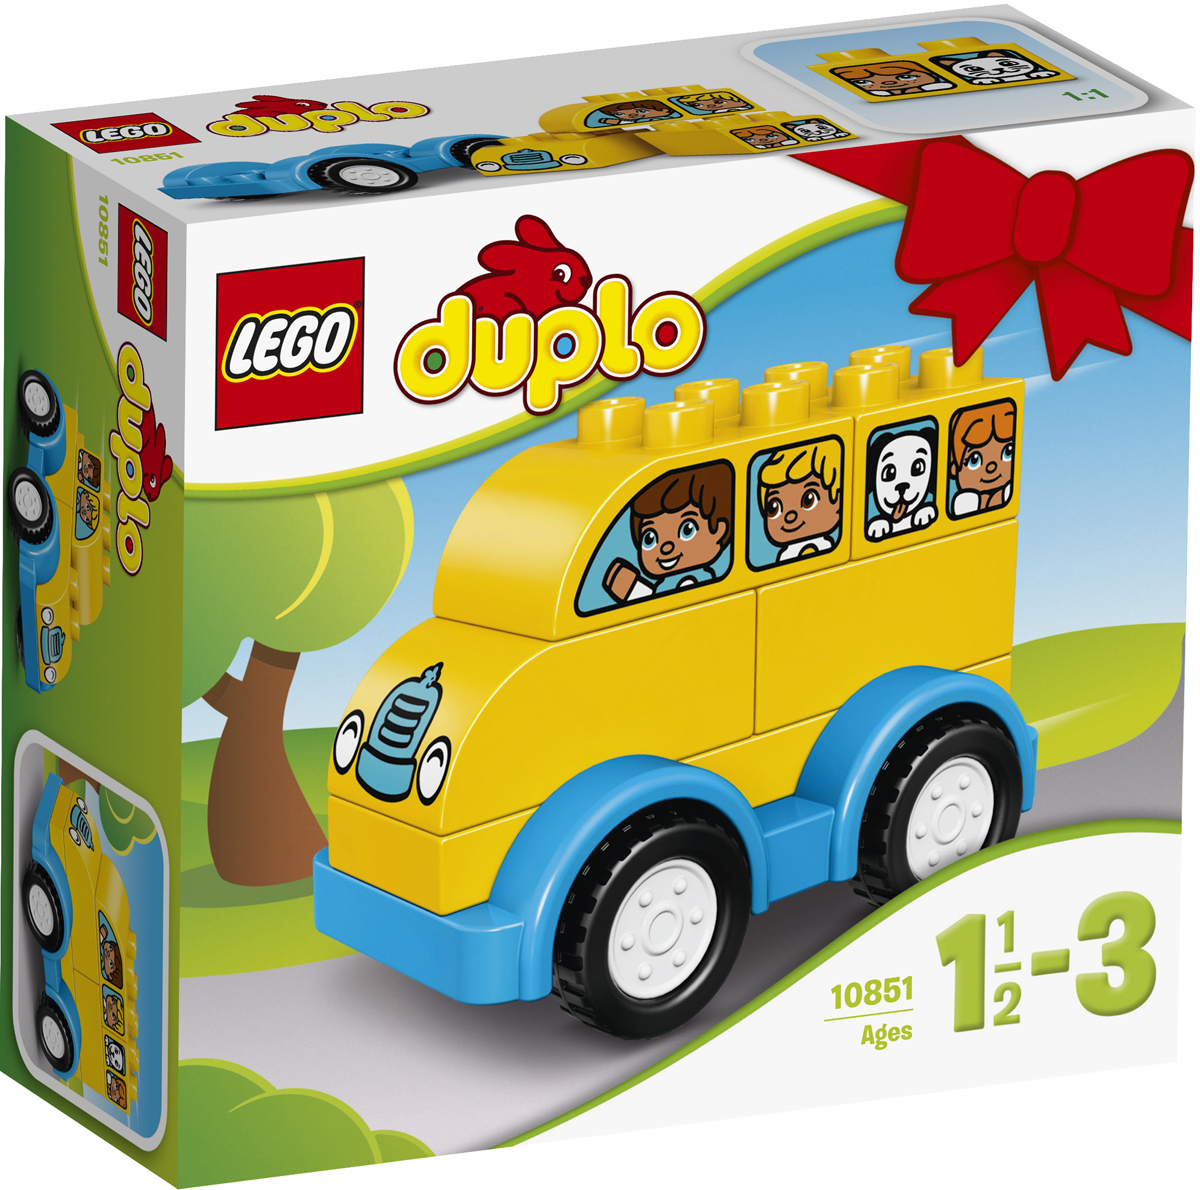 LEGO DUPLO Конструктор Мой первый автобус 10851 lego duplo конструктор мой первый автобус 10603